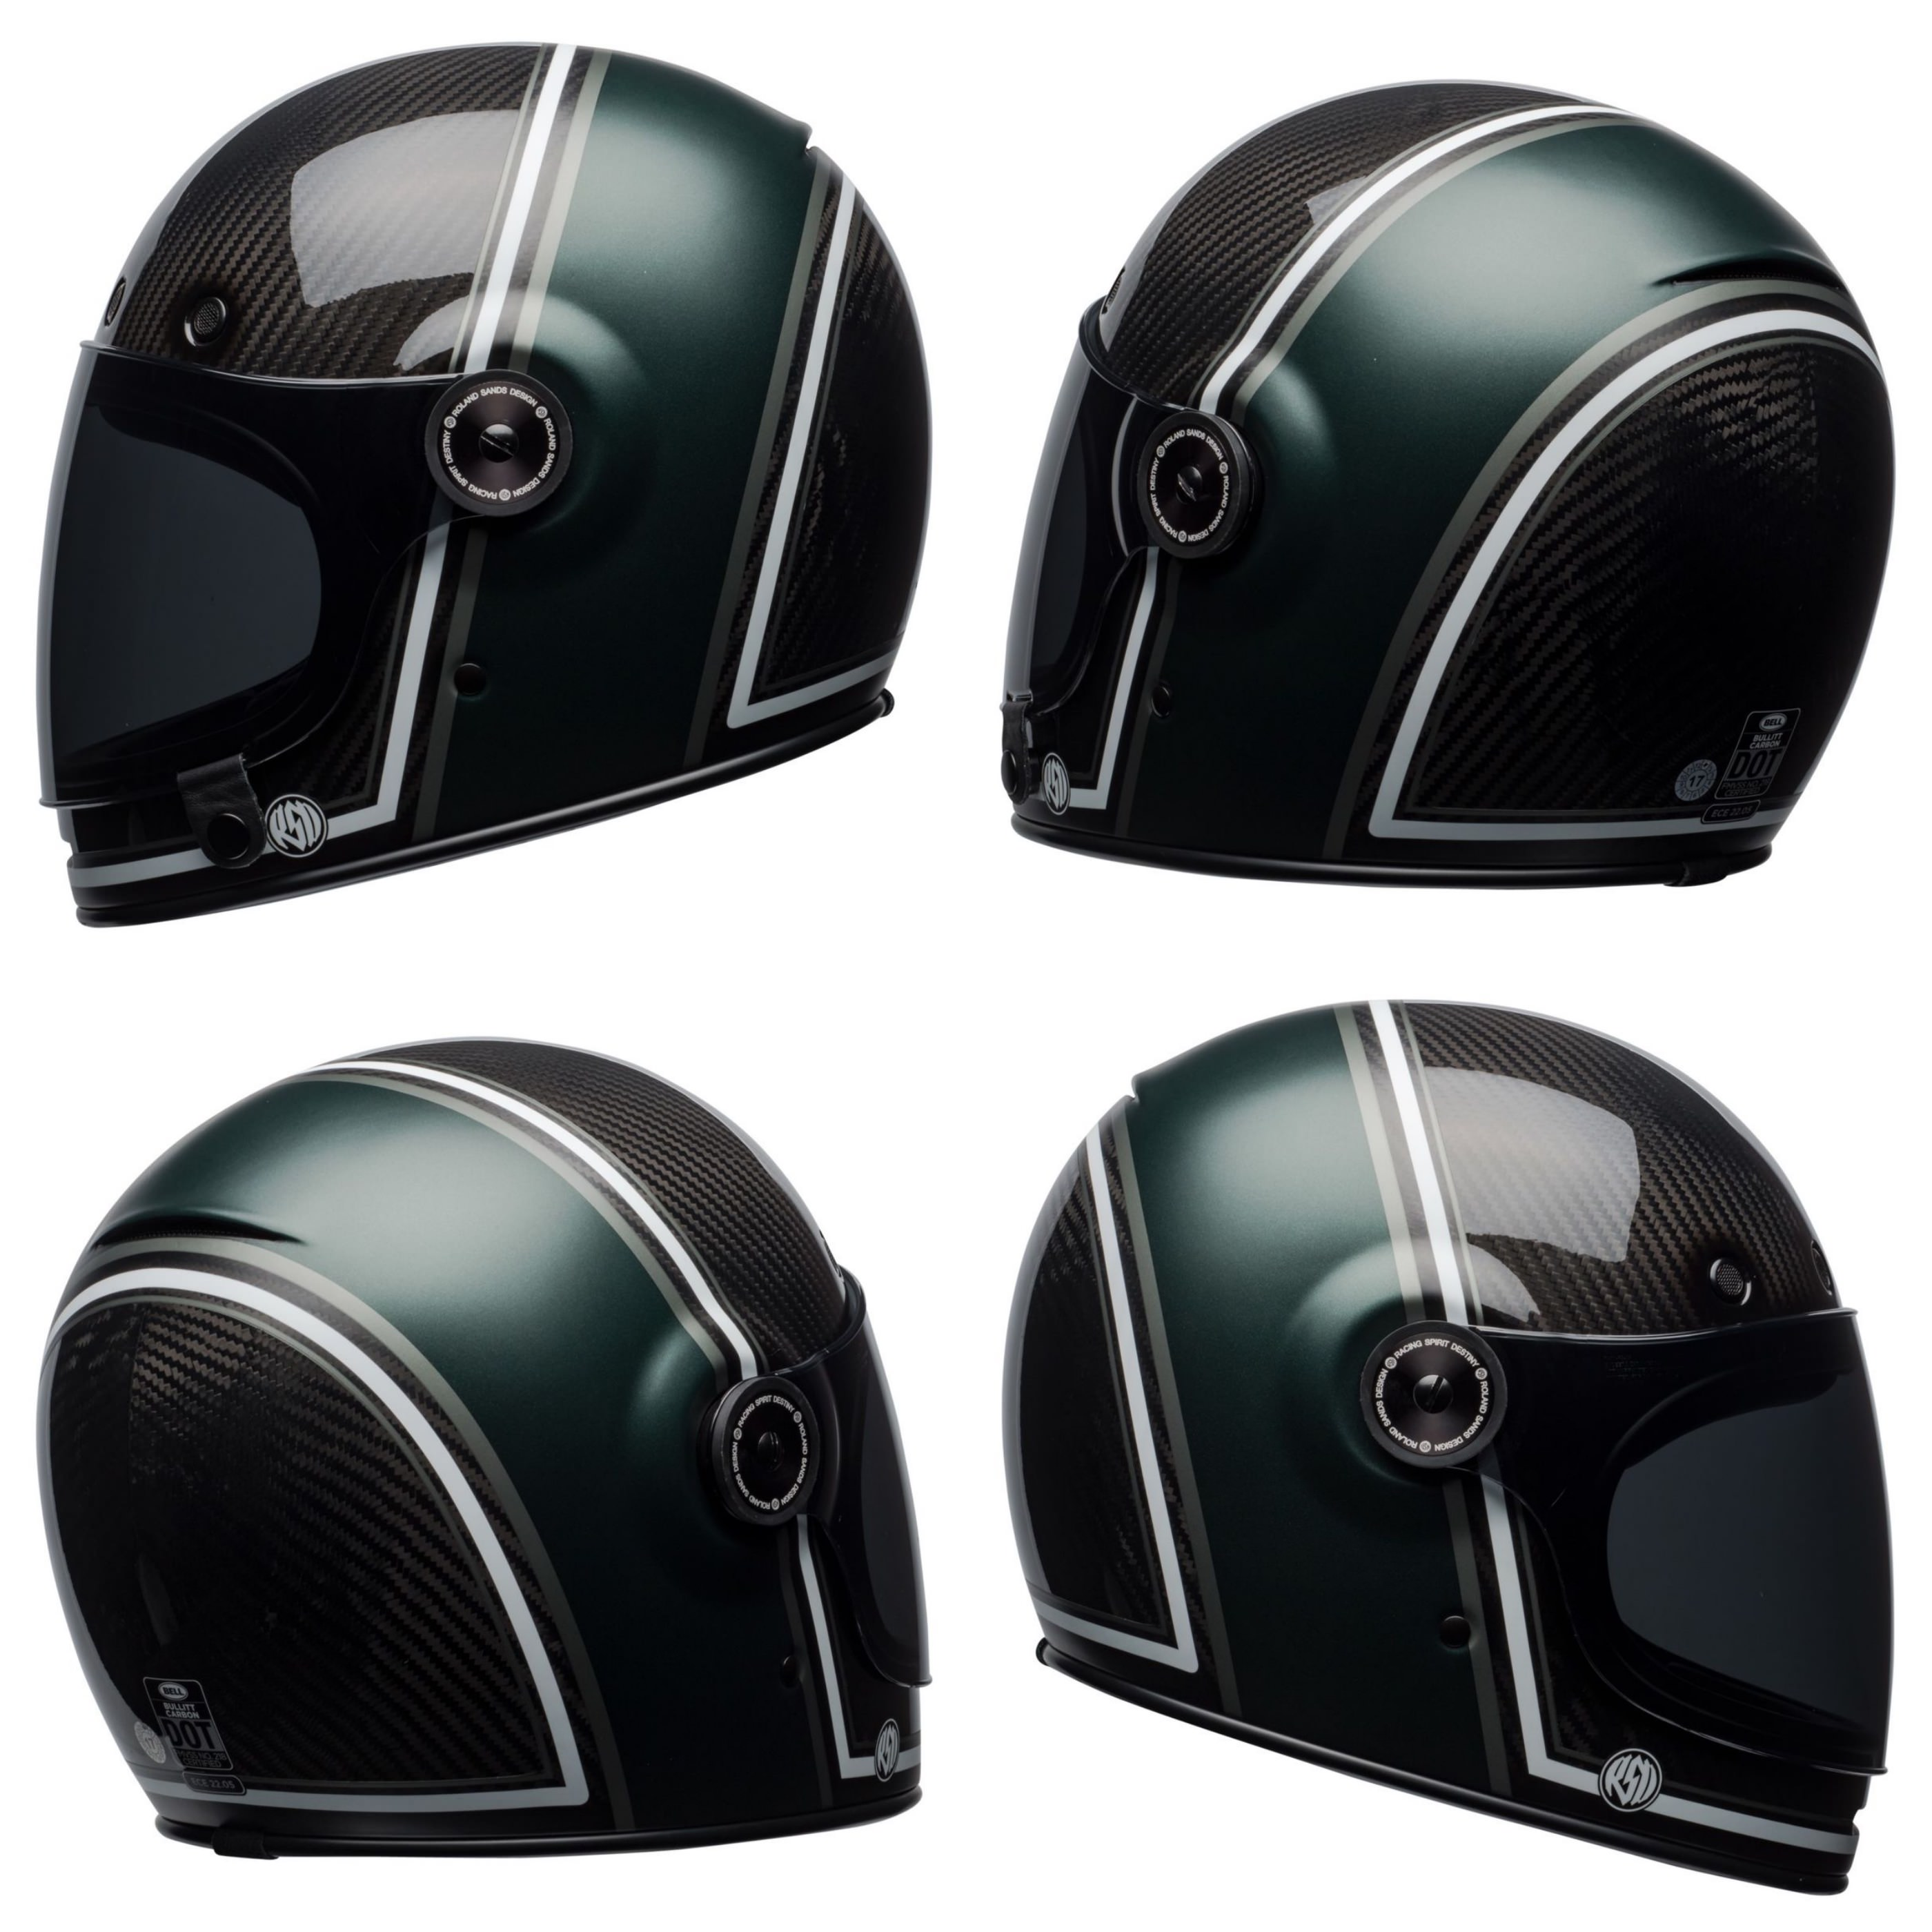 Ebay Motors Motorcycles >> Bell Bullitt Carbon RSD Range Helmet